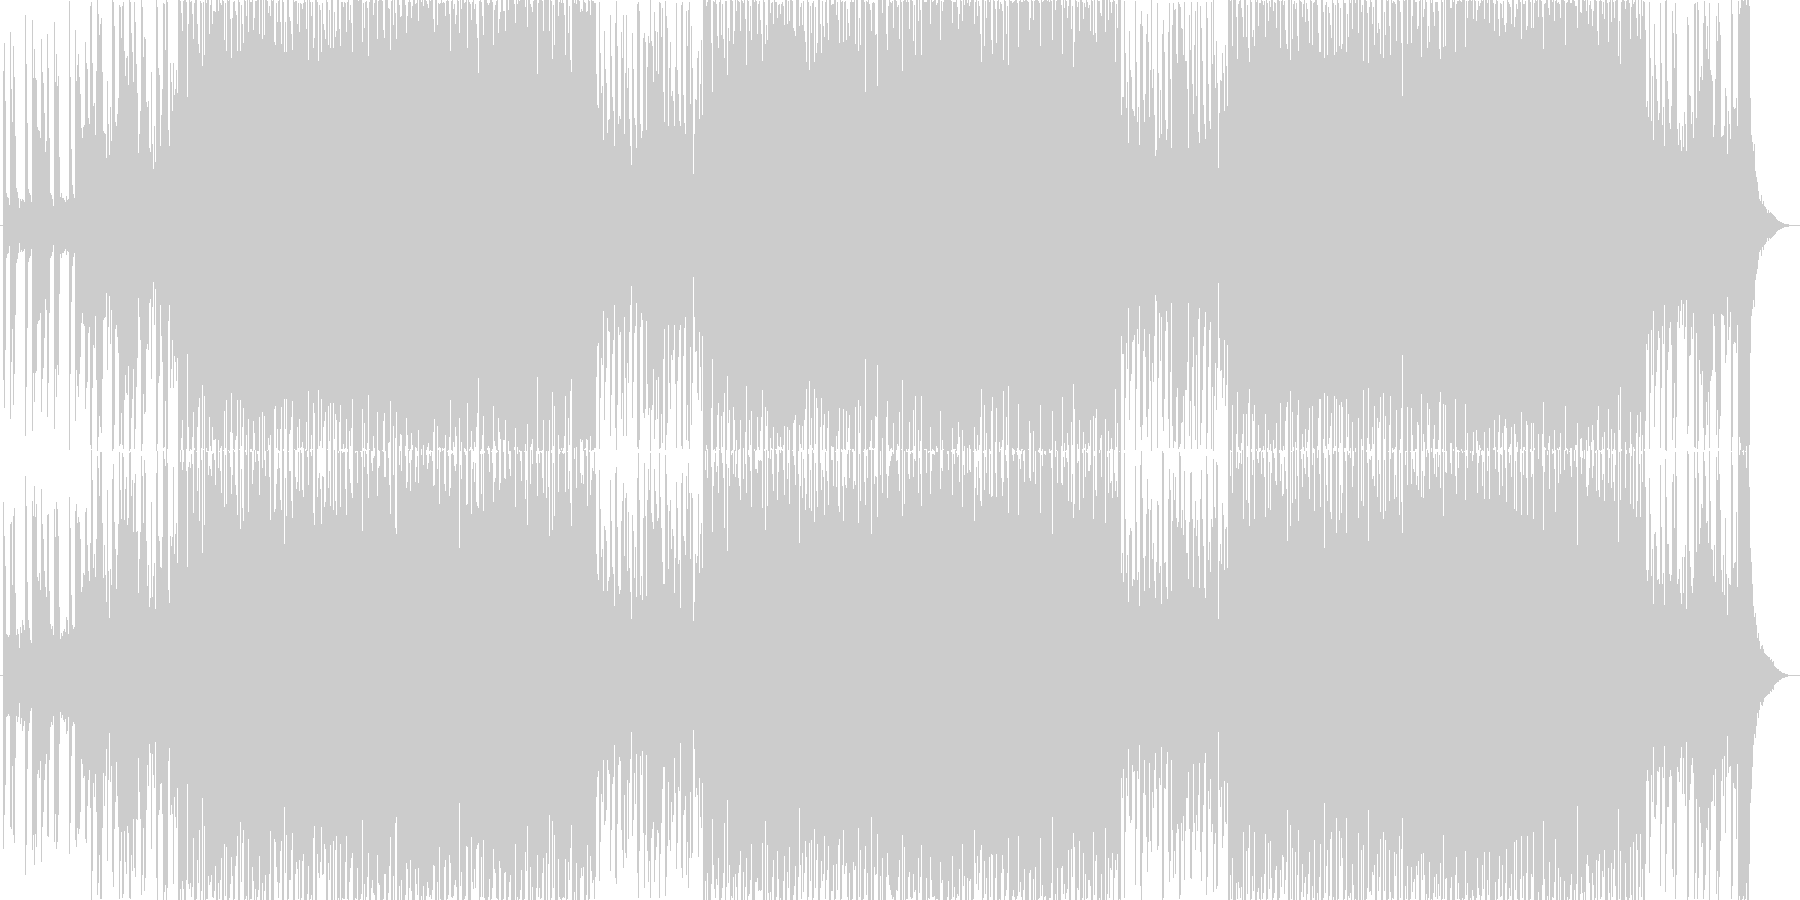 かわいいベルが主役うきうきポップな日常aの未再生の波形